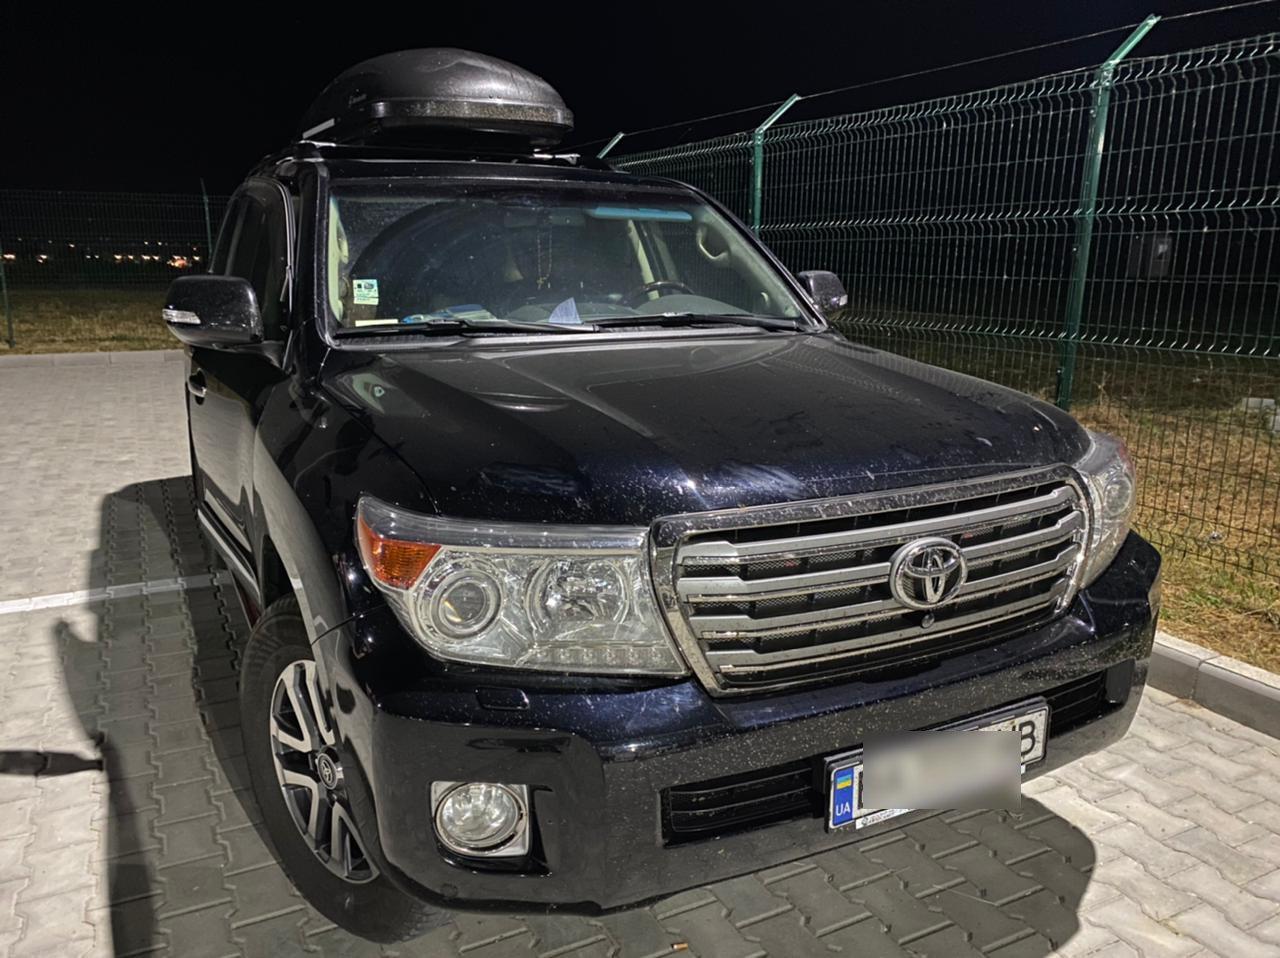 В Одесской области задержали элитный внедорожник, который искал Интерпол, - ФОТО, фото-1